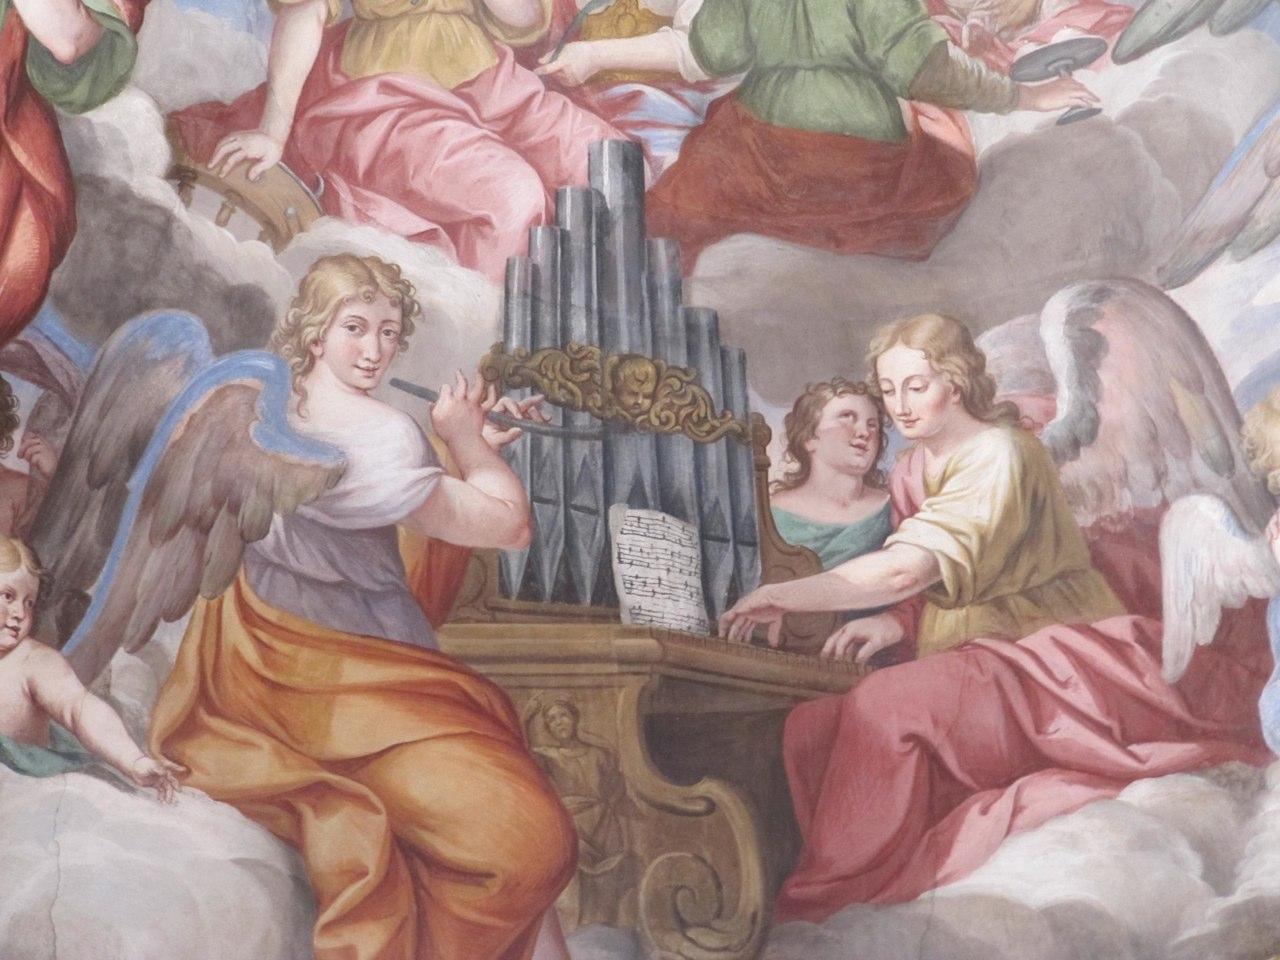 Romagnano Sesia, Chiesa della Madonna del Popolo, Frescoes above the alter by Tarquinio Grassi, 1683